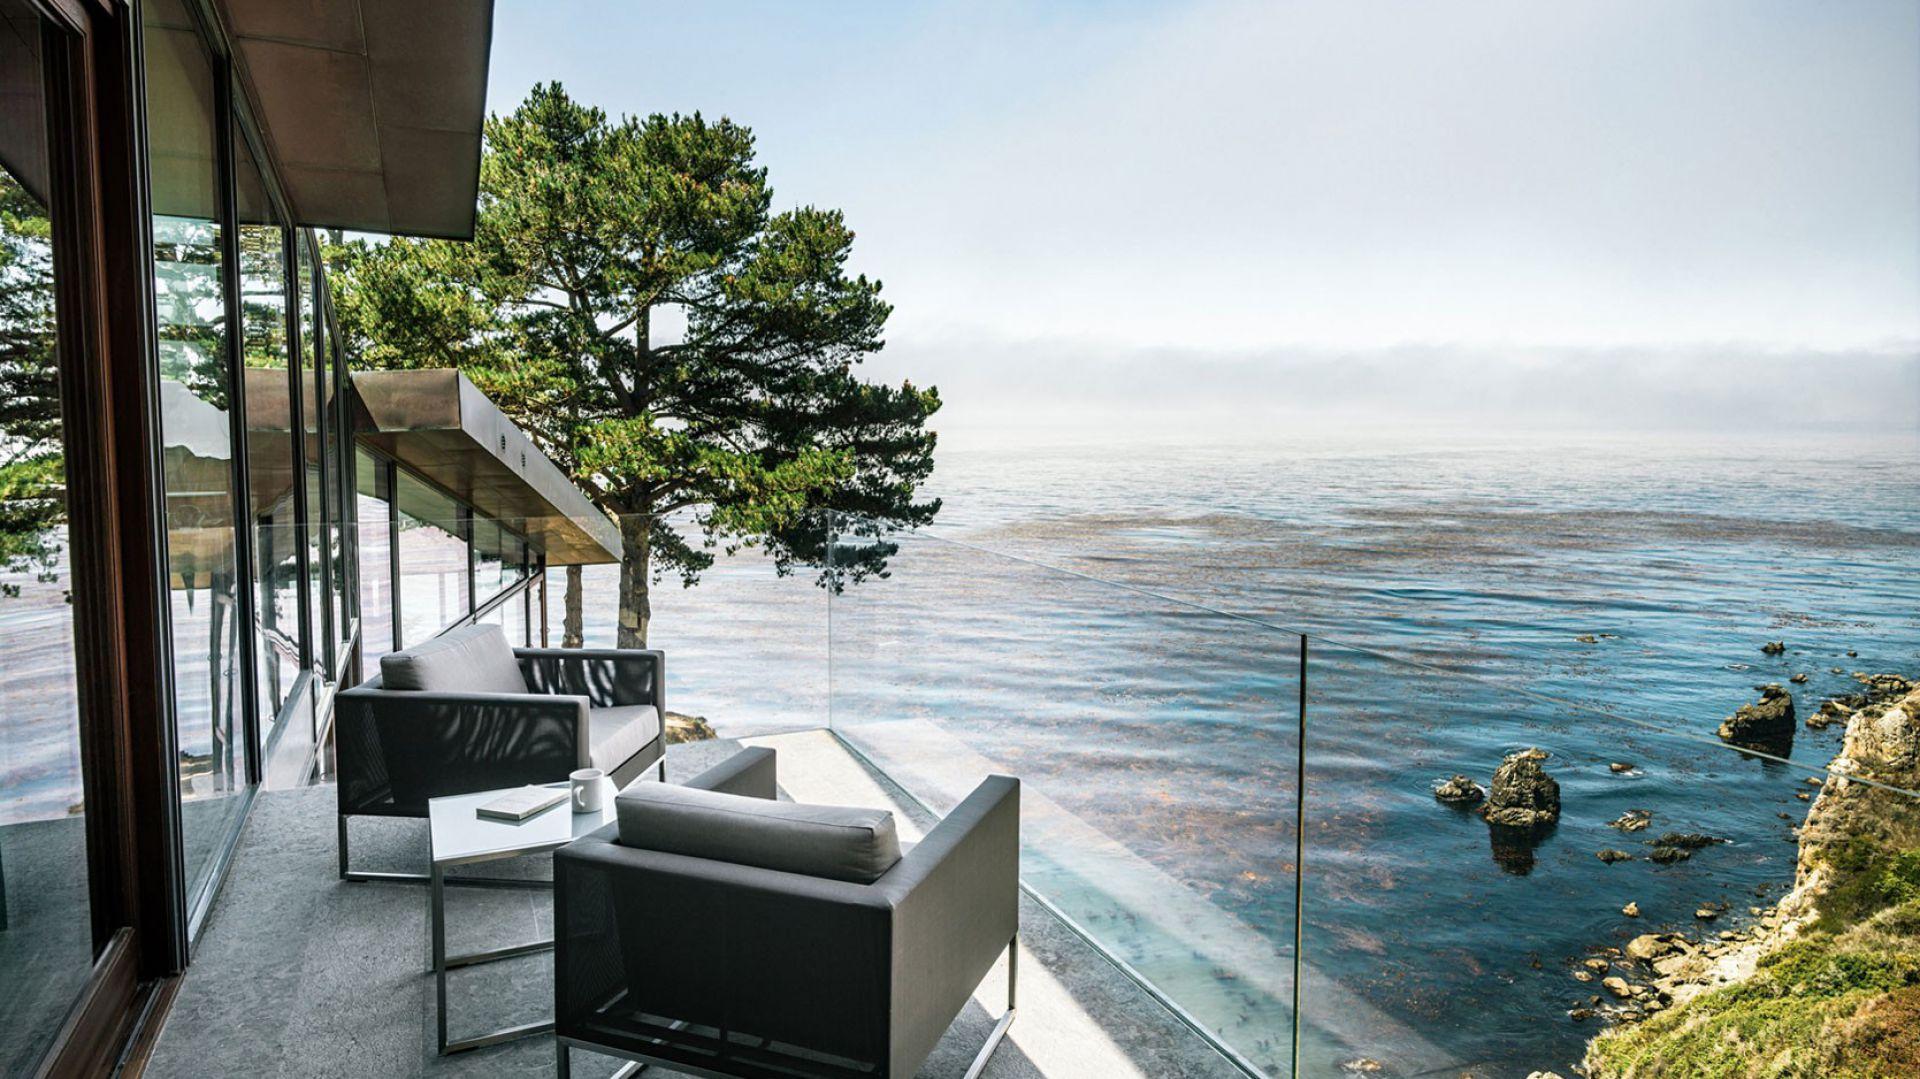 Trudno wyobrazić sobie taki dom bez tarasu, z którego można by podziwiać krajobraz. Fot. Fougeron Architecture.